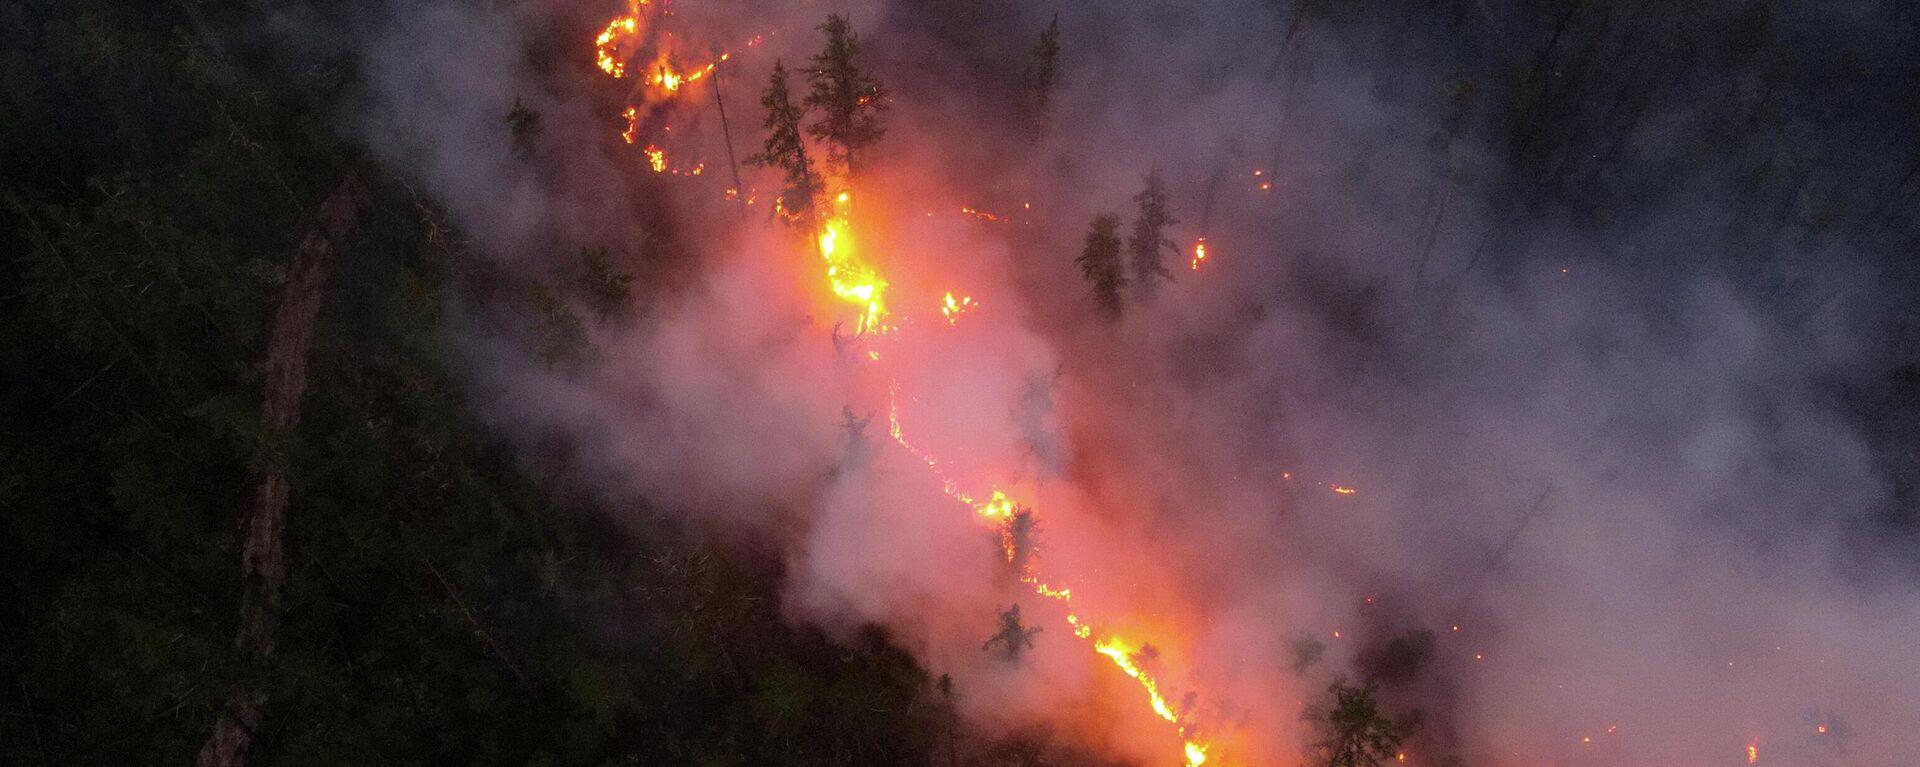 Los incendios forestales en la ciudad siberiana de Yakutia, Rusia - Sputnik Mundo, 1920, 31.07.2021